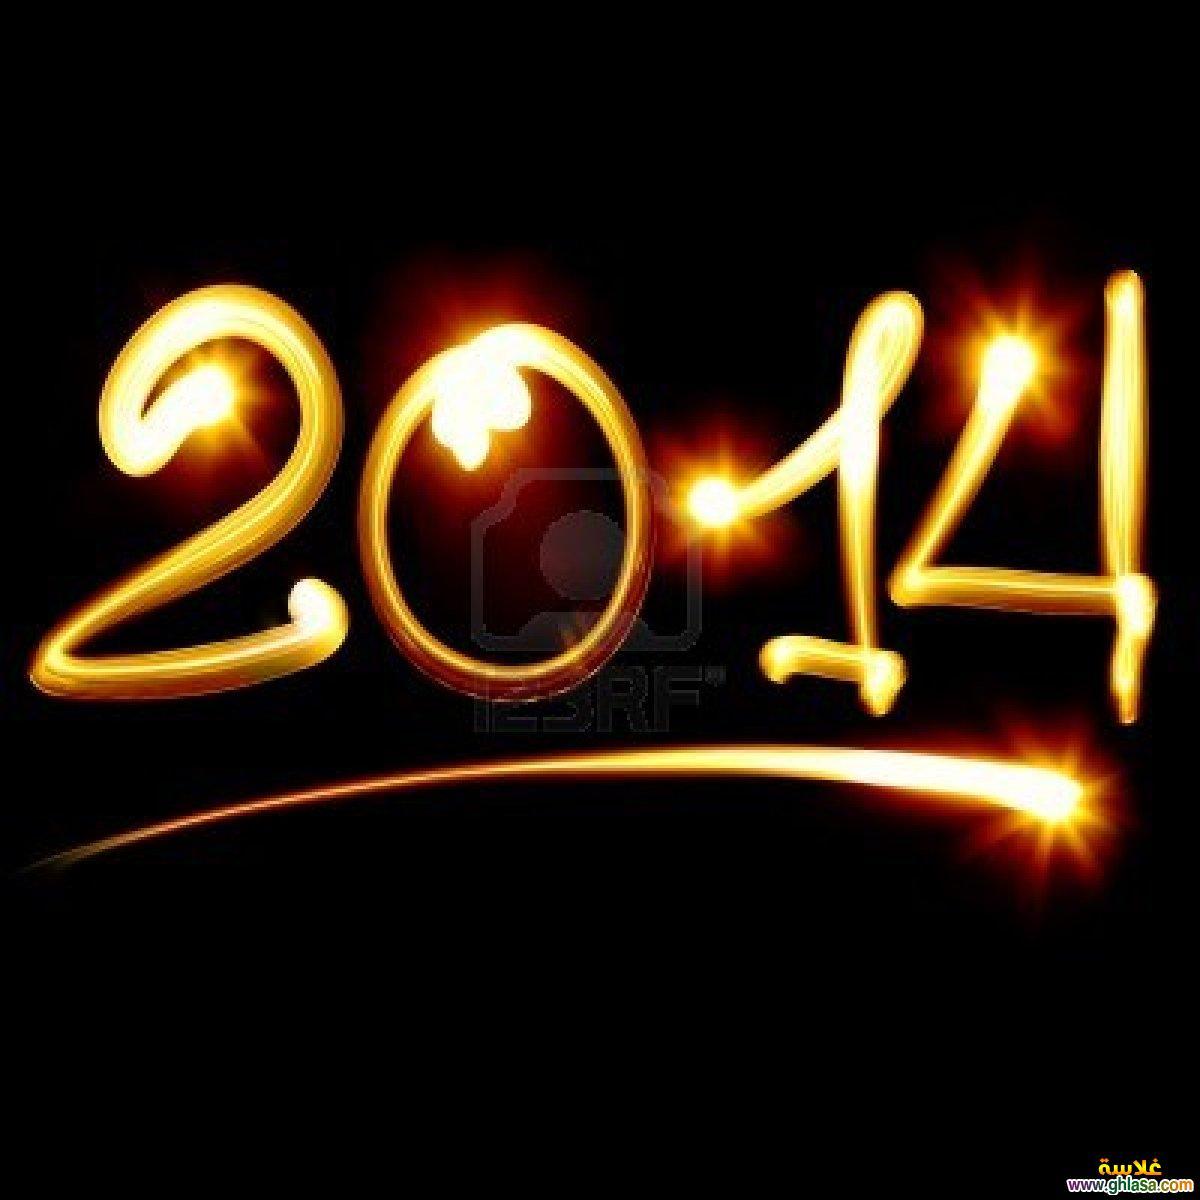 صور عام سعيد 2018 ، صور العام الجديد 2018 ، Happy New Year 2018 ghlasa1377750660151.jpg